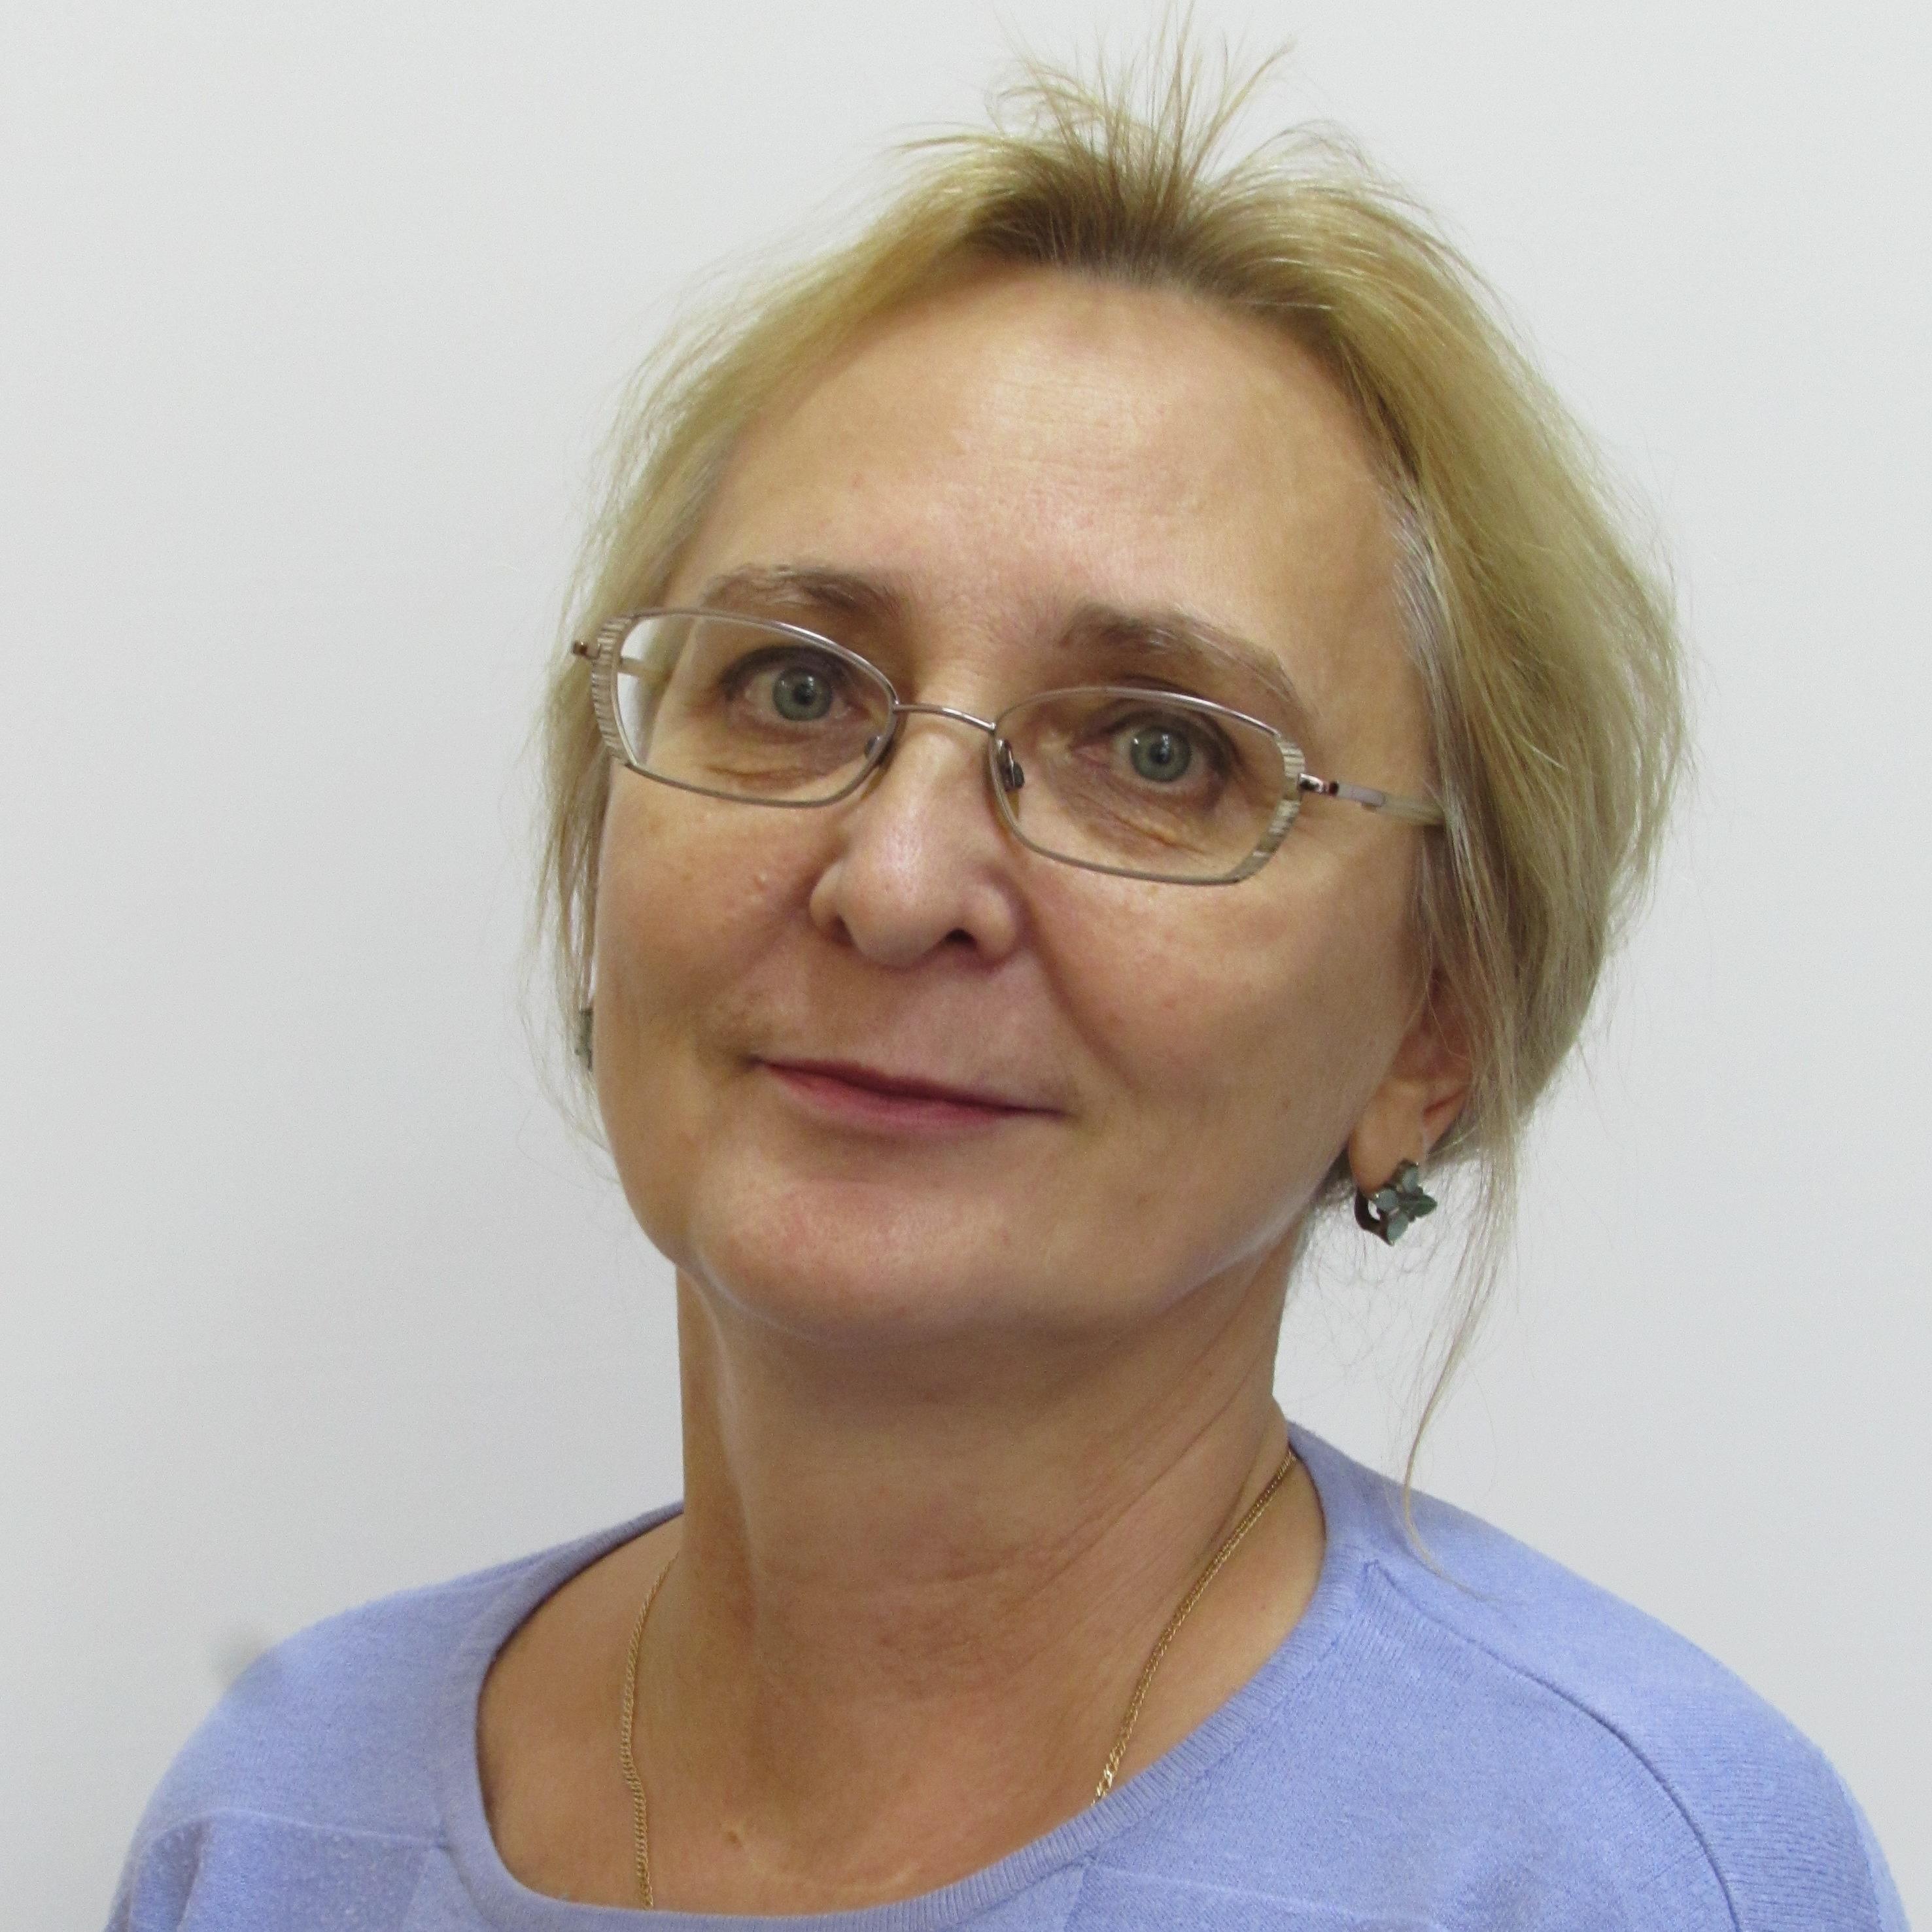 Ховрина Гелена Борисовна